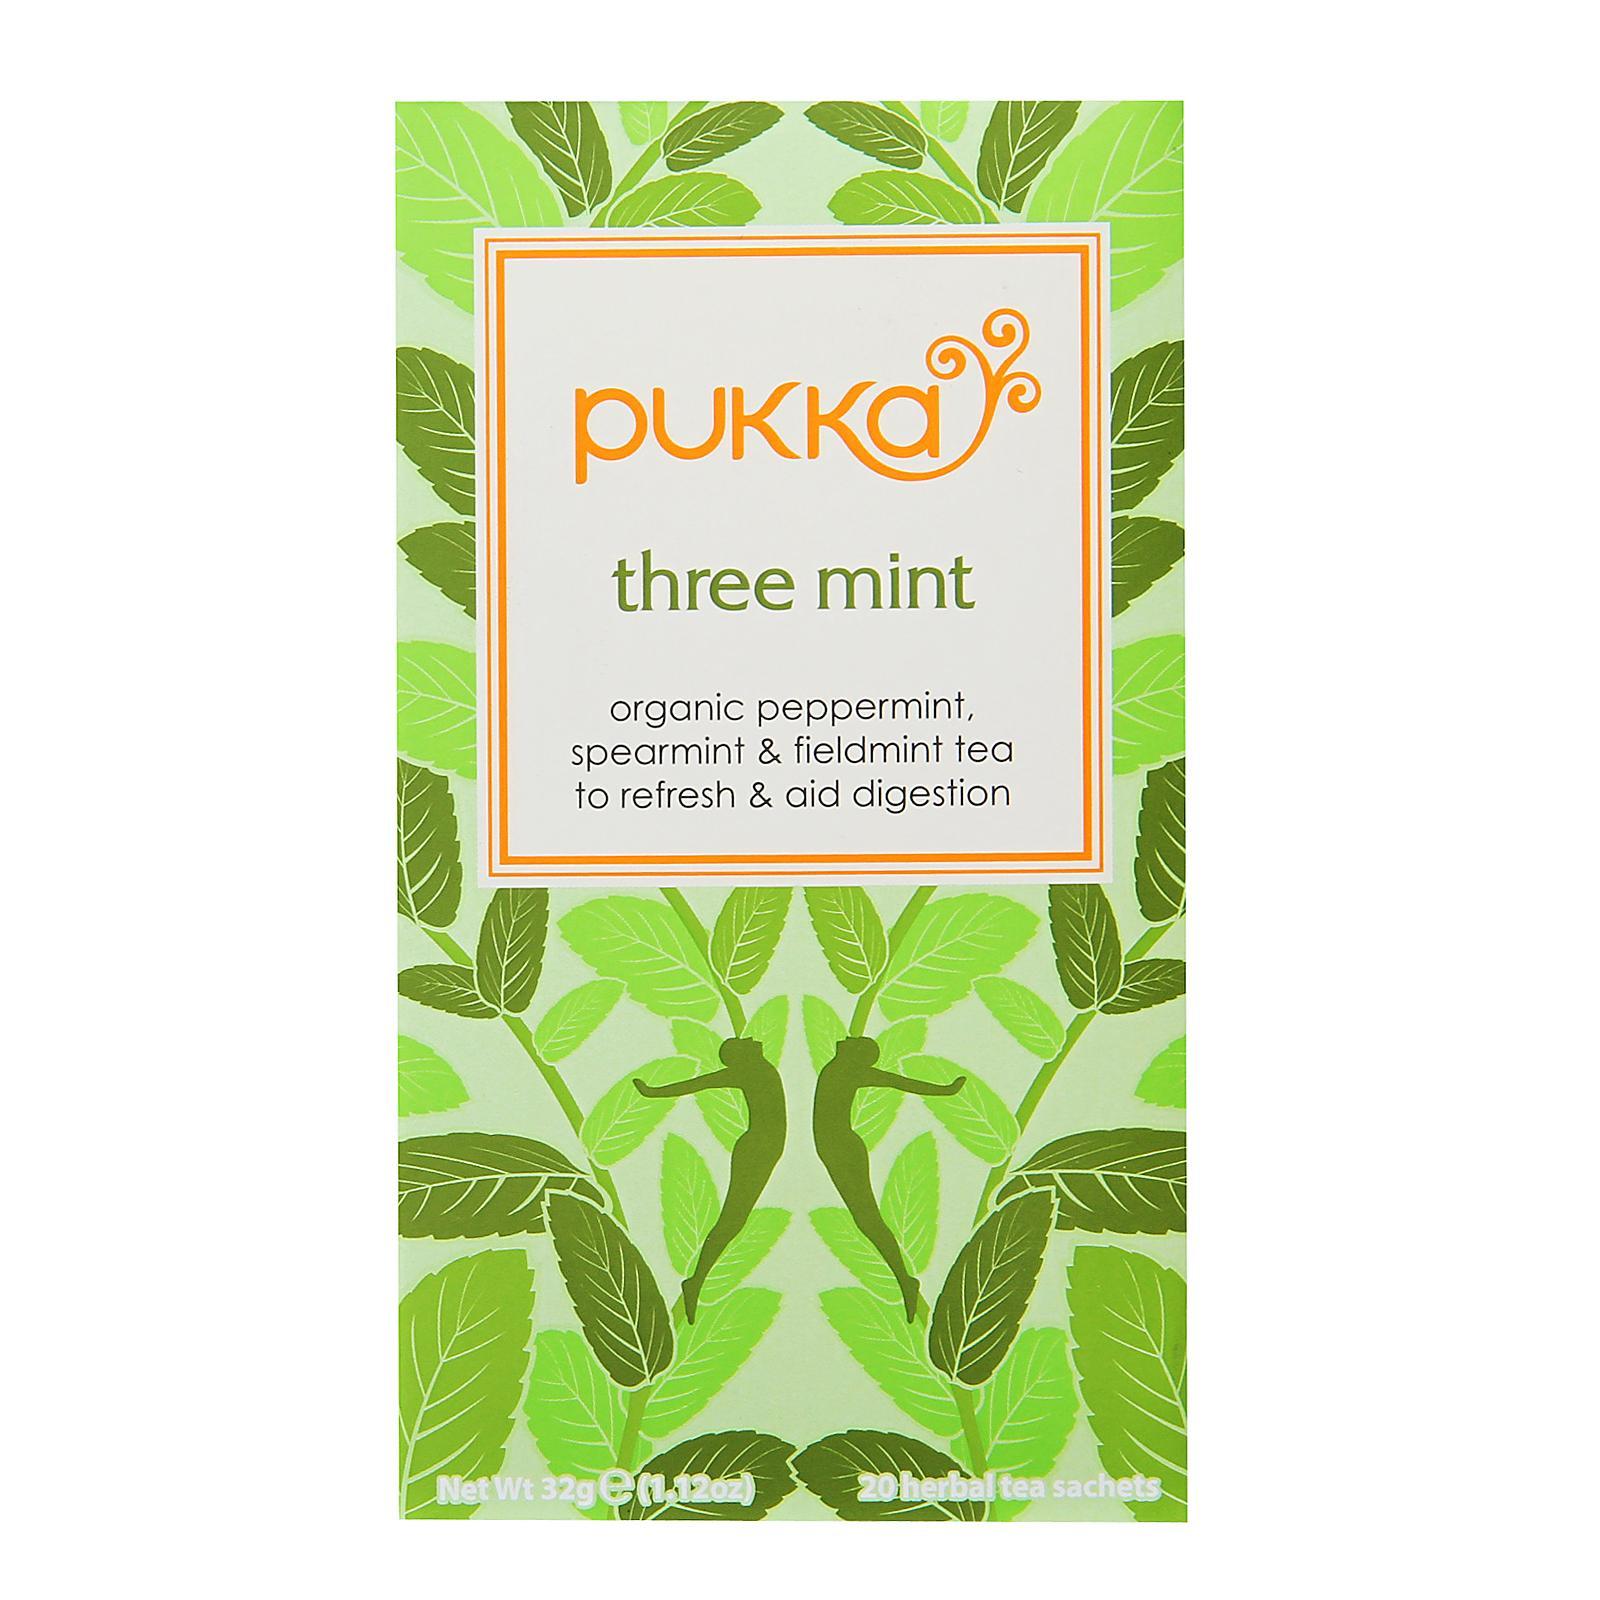 Pukka Organic Three Mint Tea By Redmart.